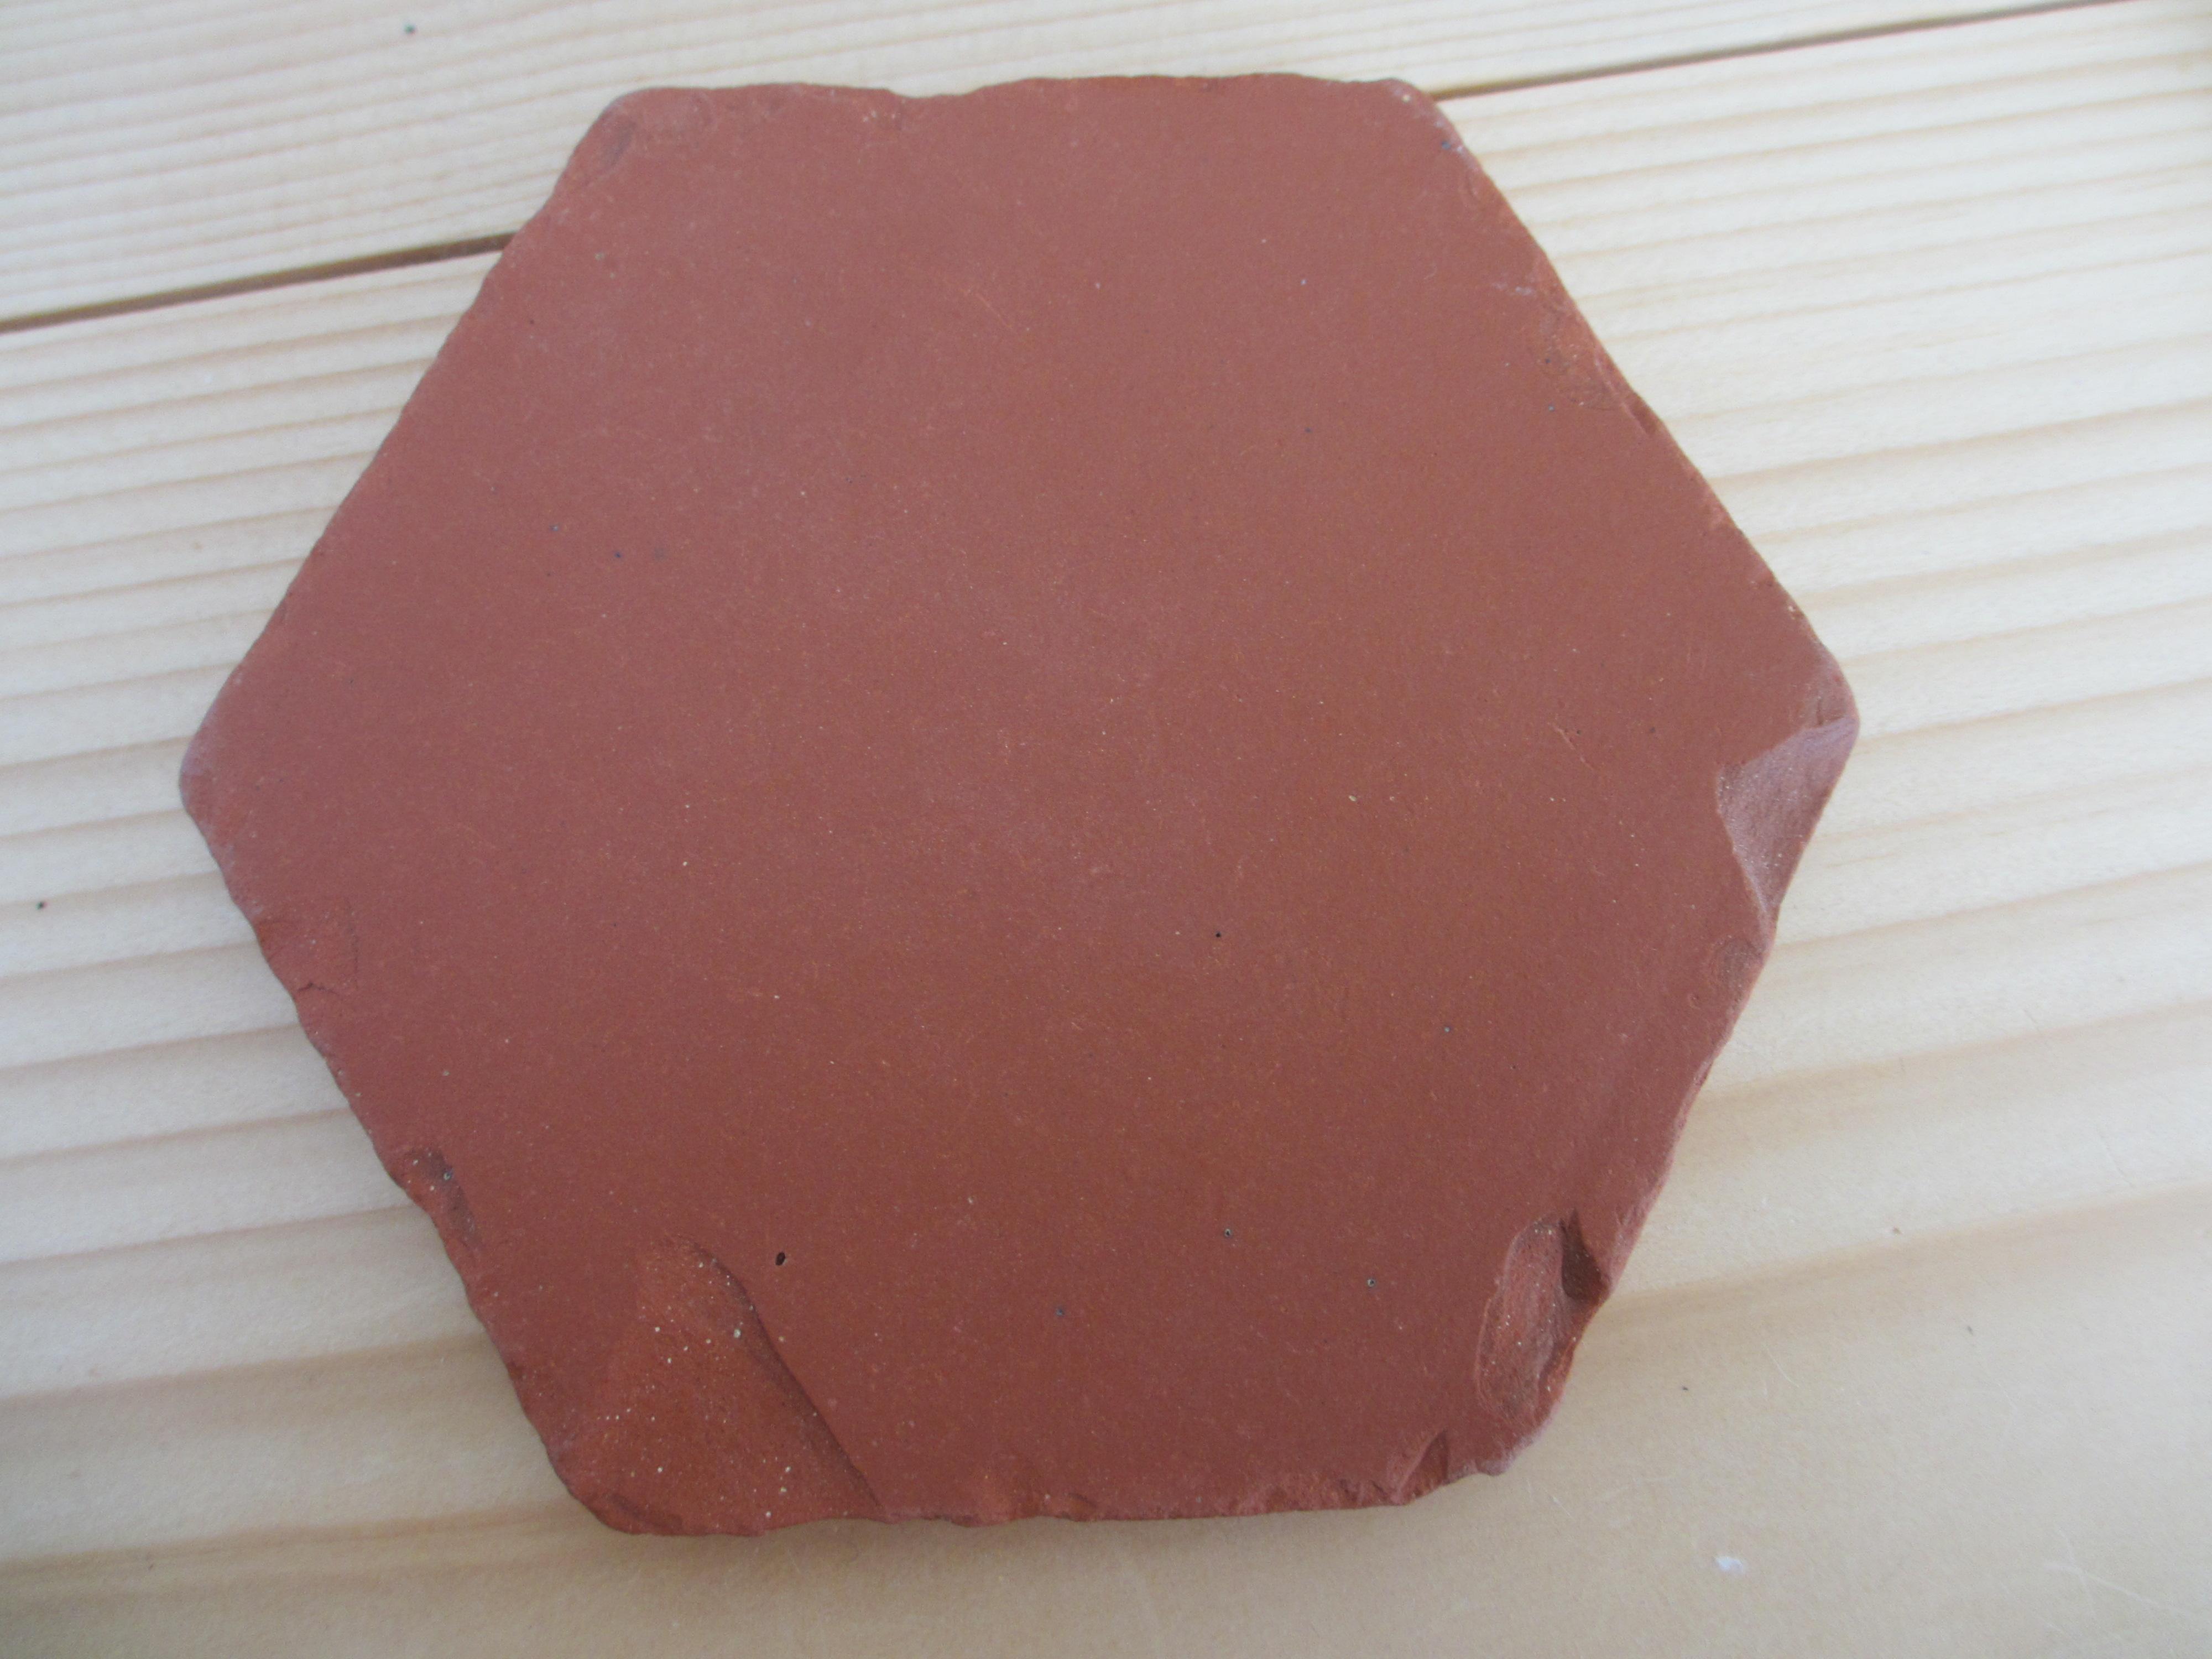 troc de troc tomette rouge image 1